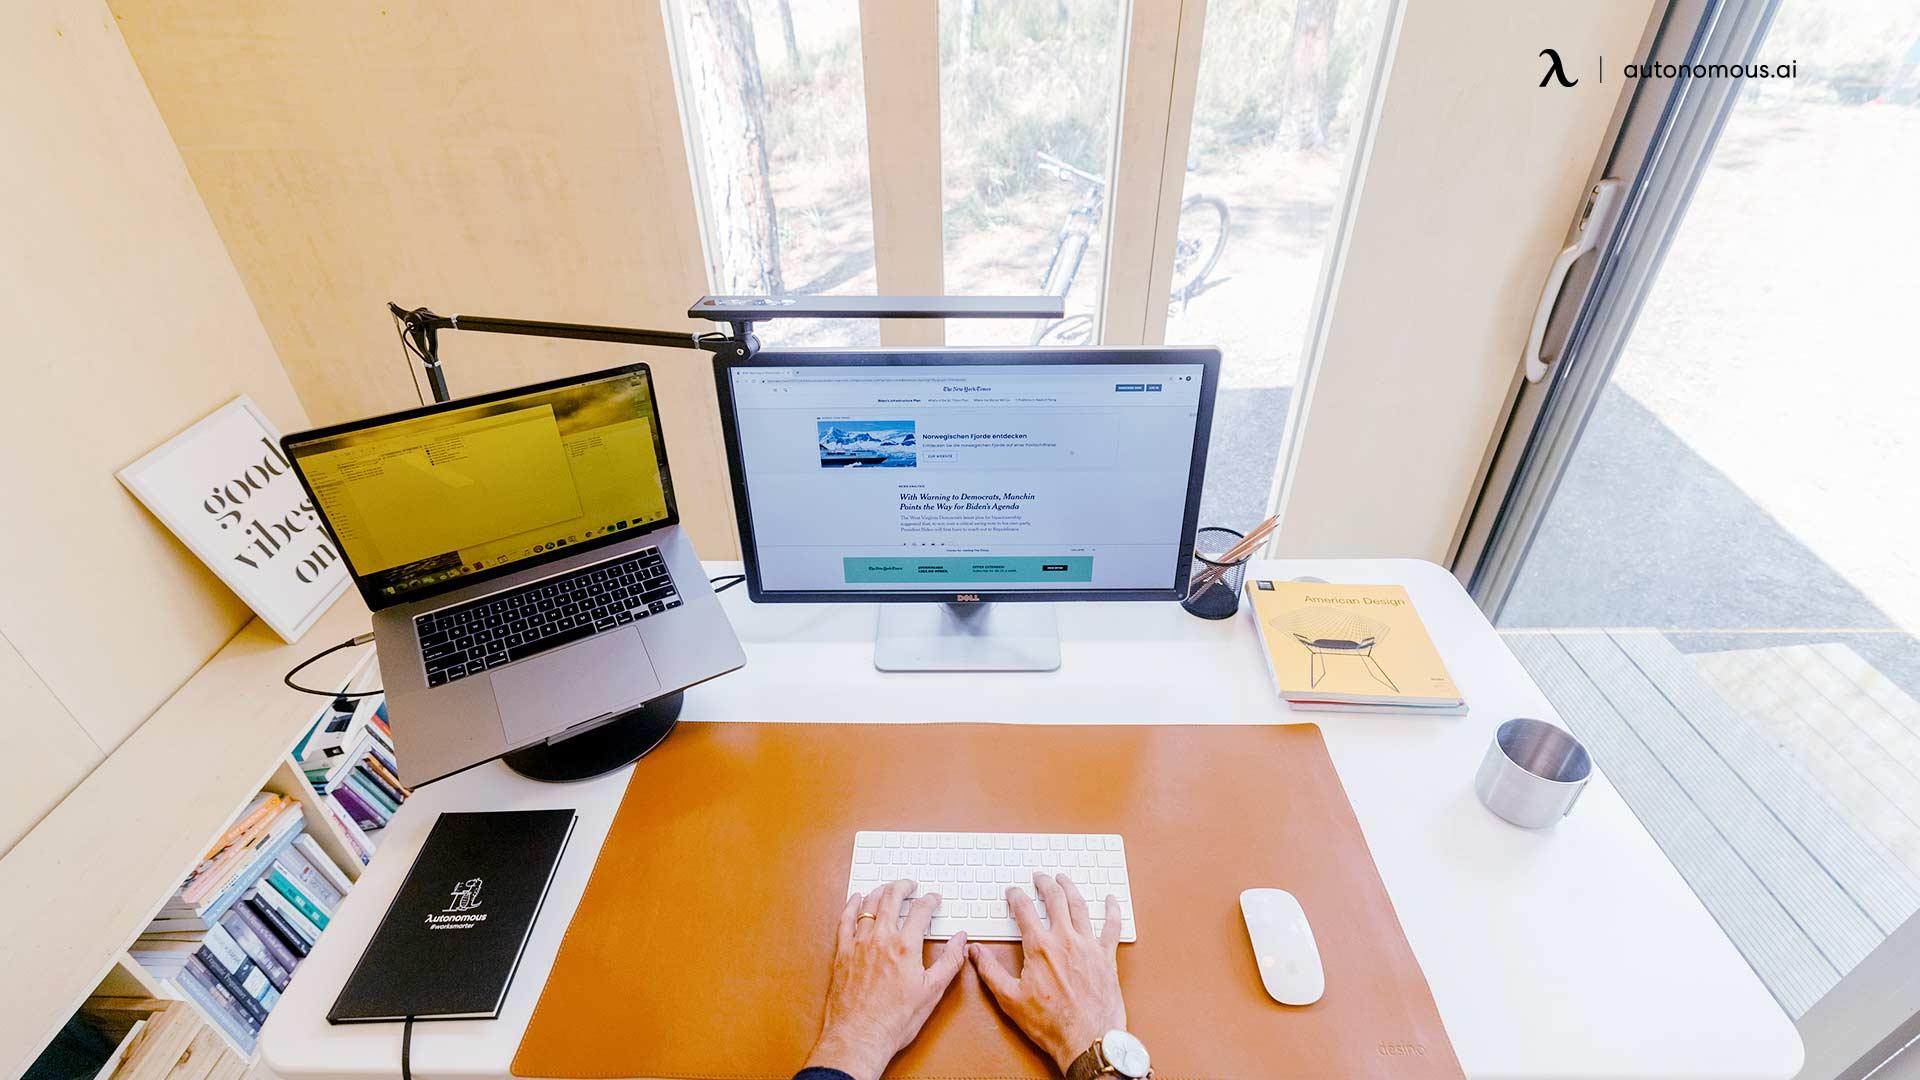 Add Accessories in ergonomic office setup